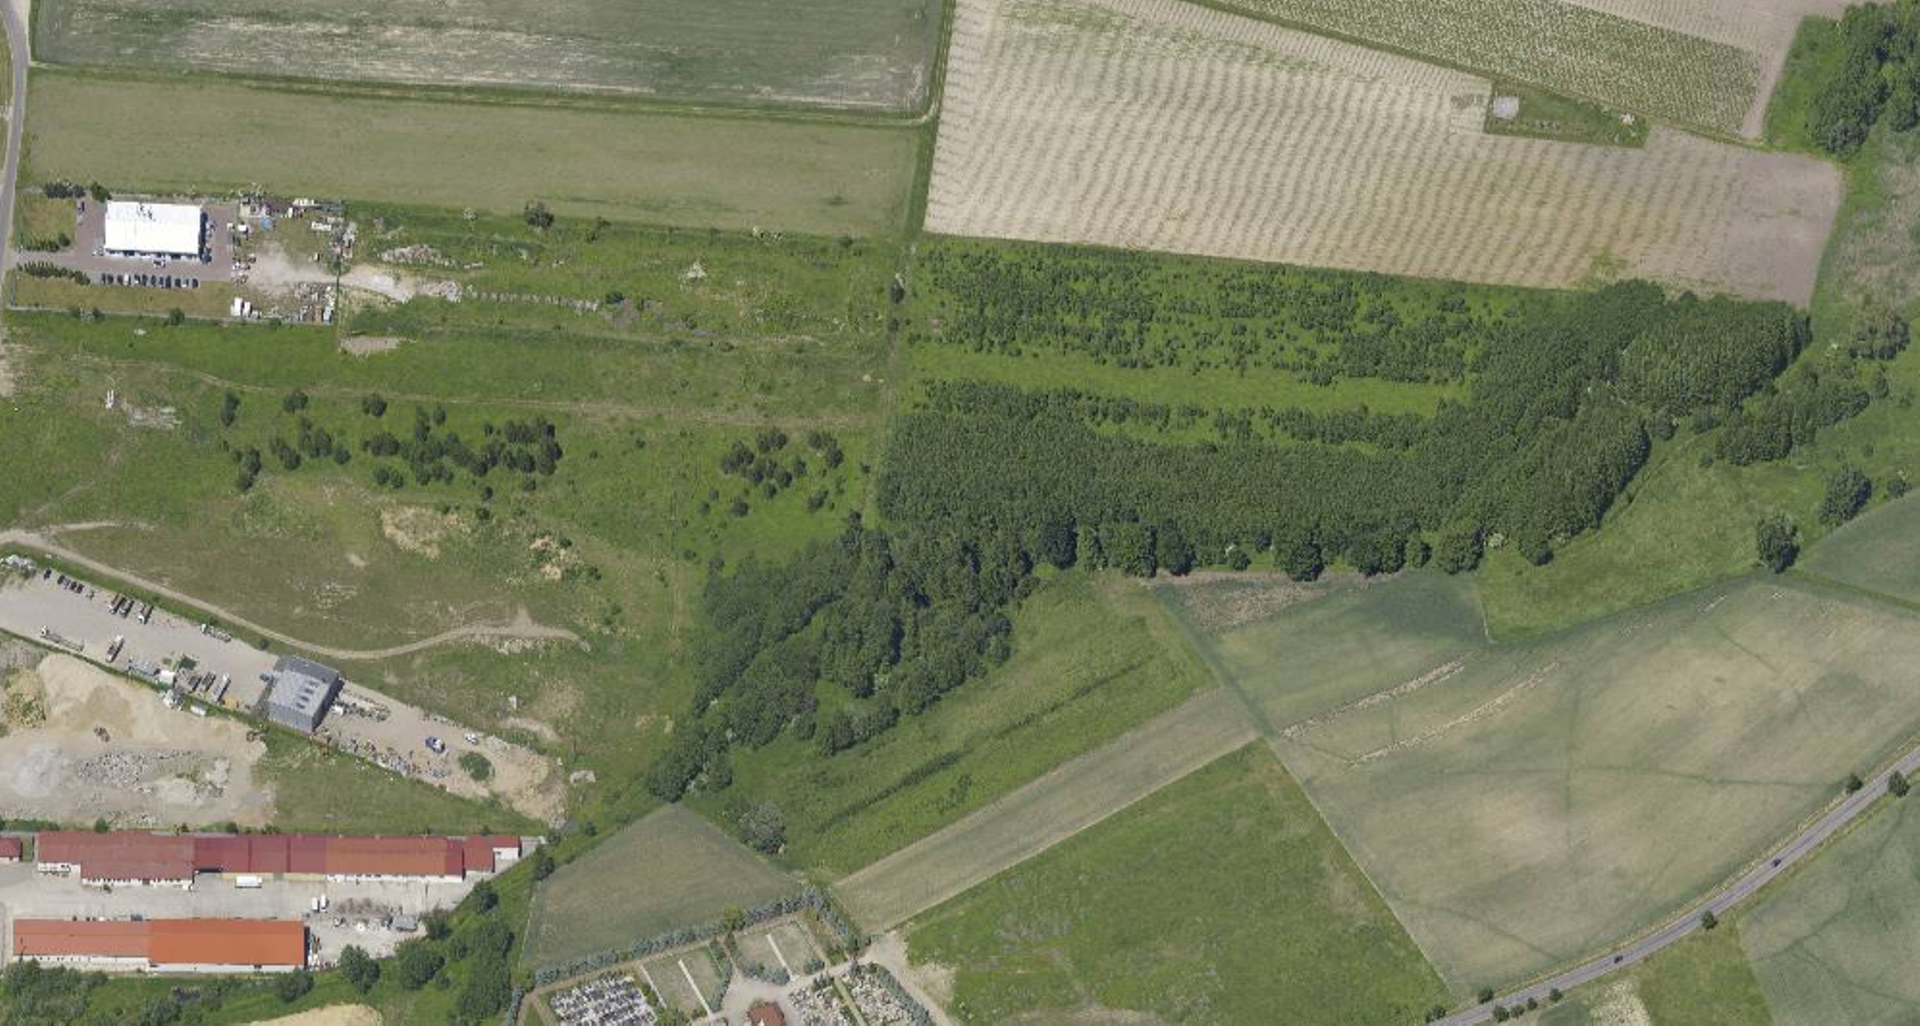 Wrocław: Kilkuhektarowy teren blisko obwodnicy Leśnicy trafi w prywatne ręce